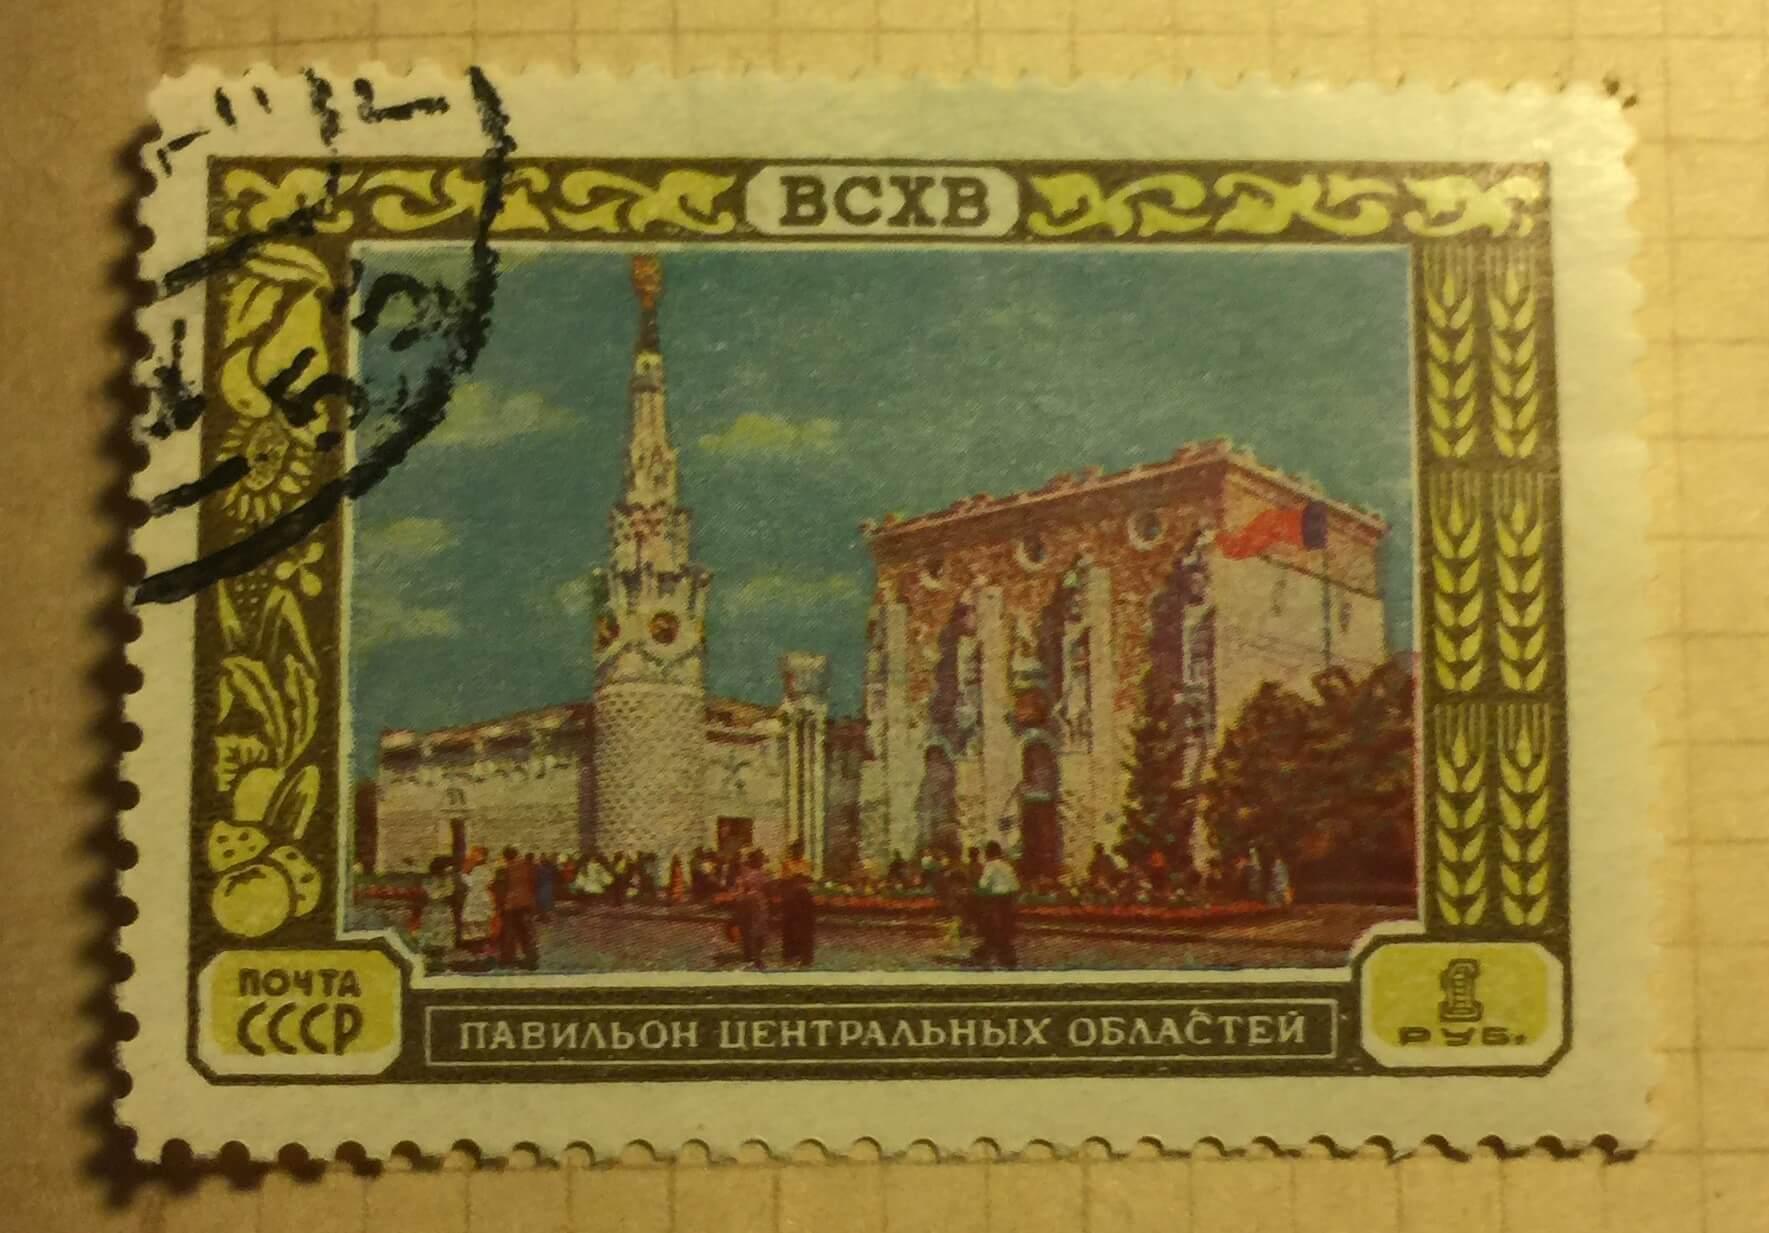 Купить почтовую марку СССР Павильон Центральные области b5a29e4136edb